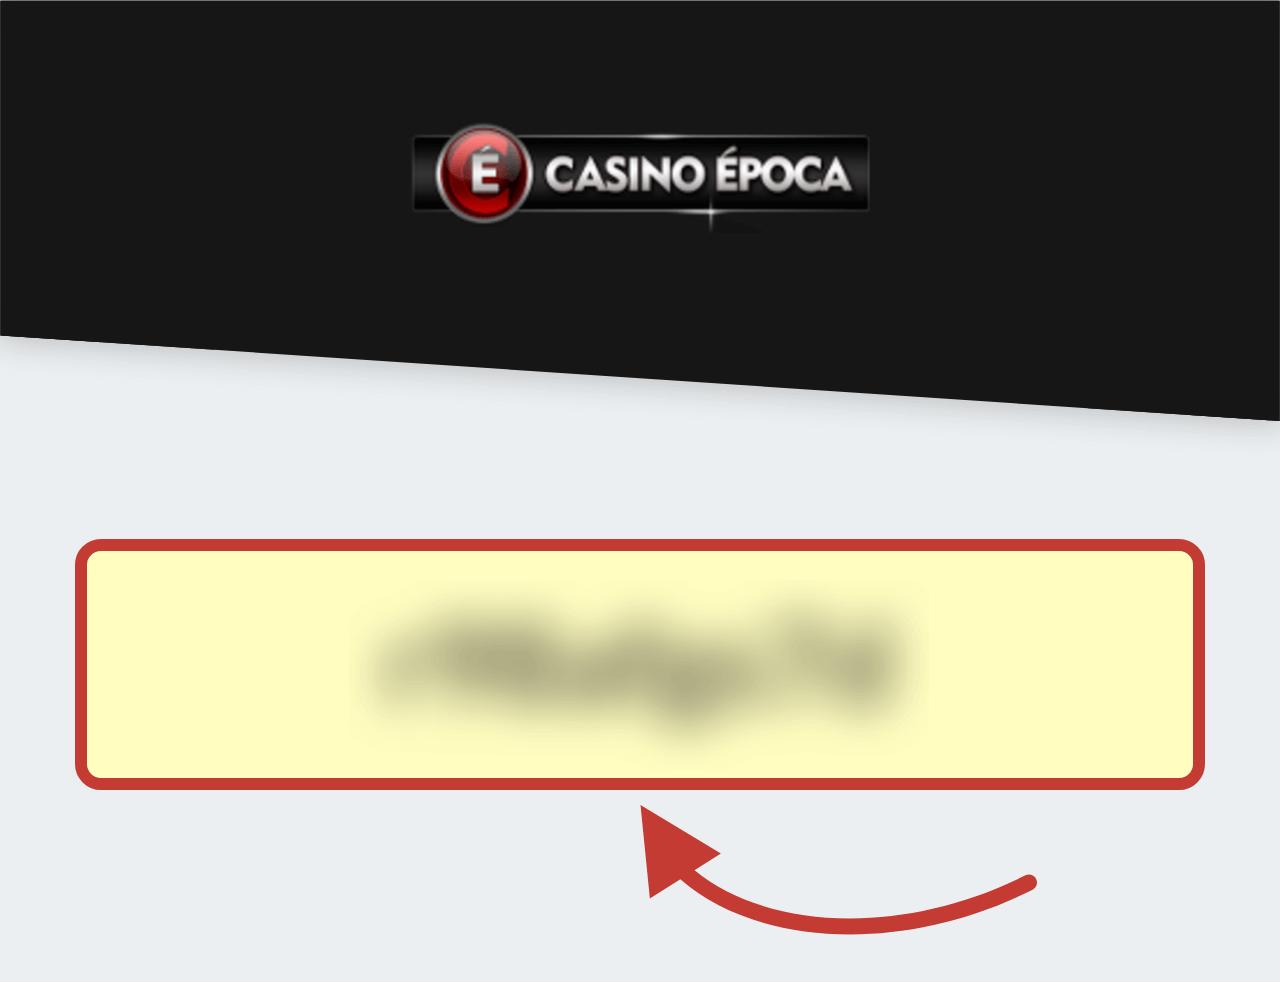 Código Promocional Casino Época